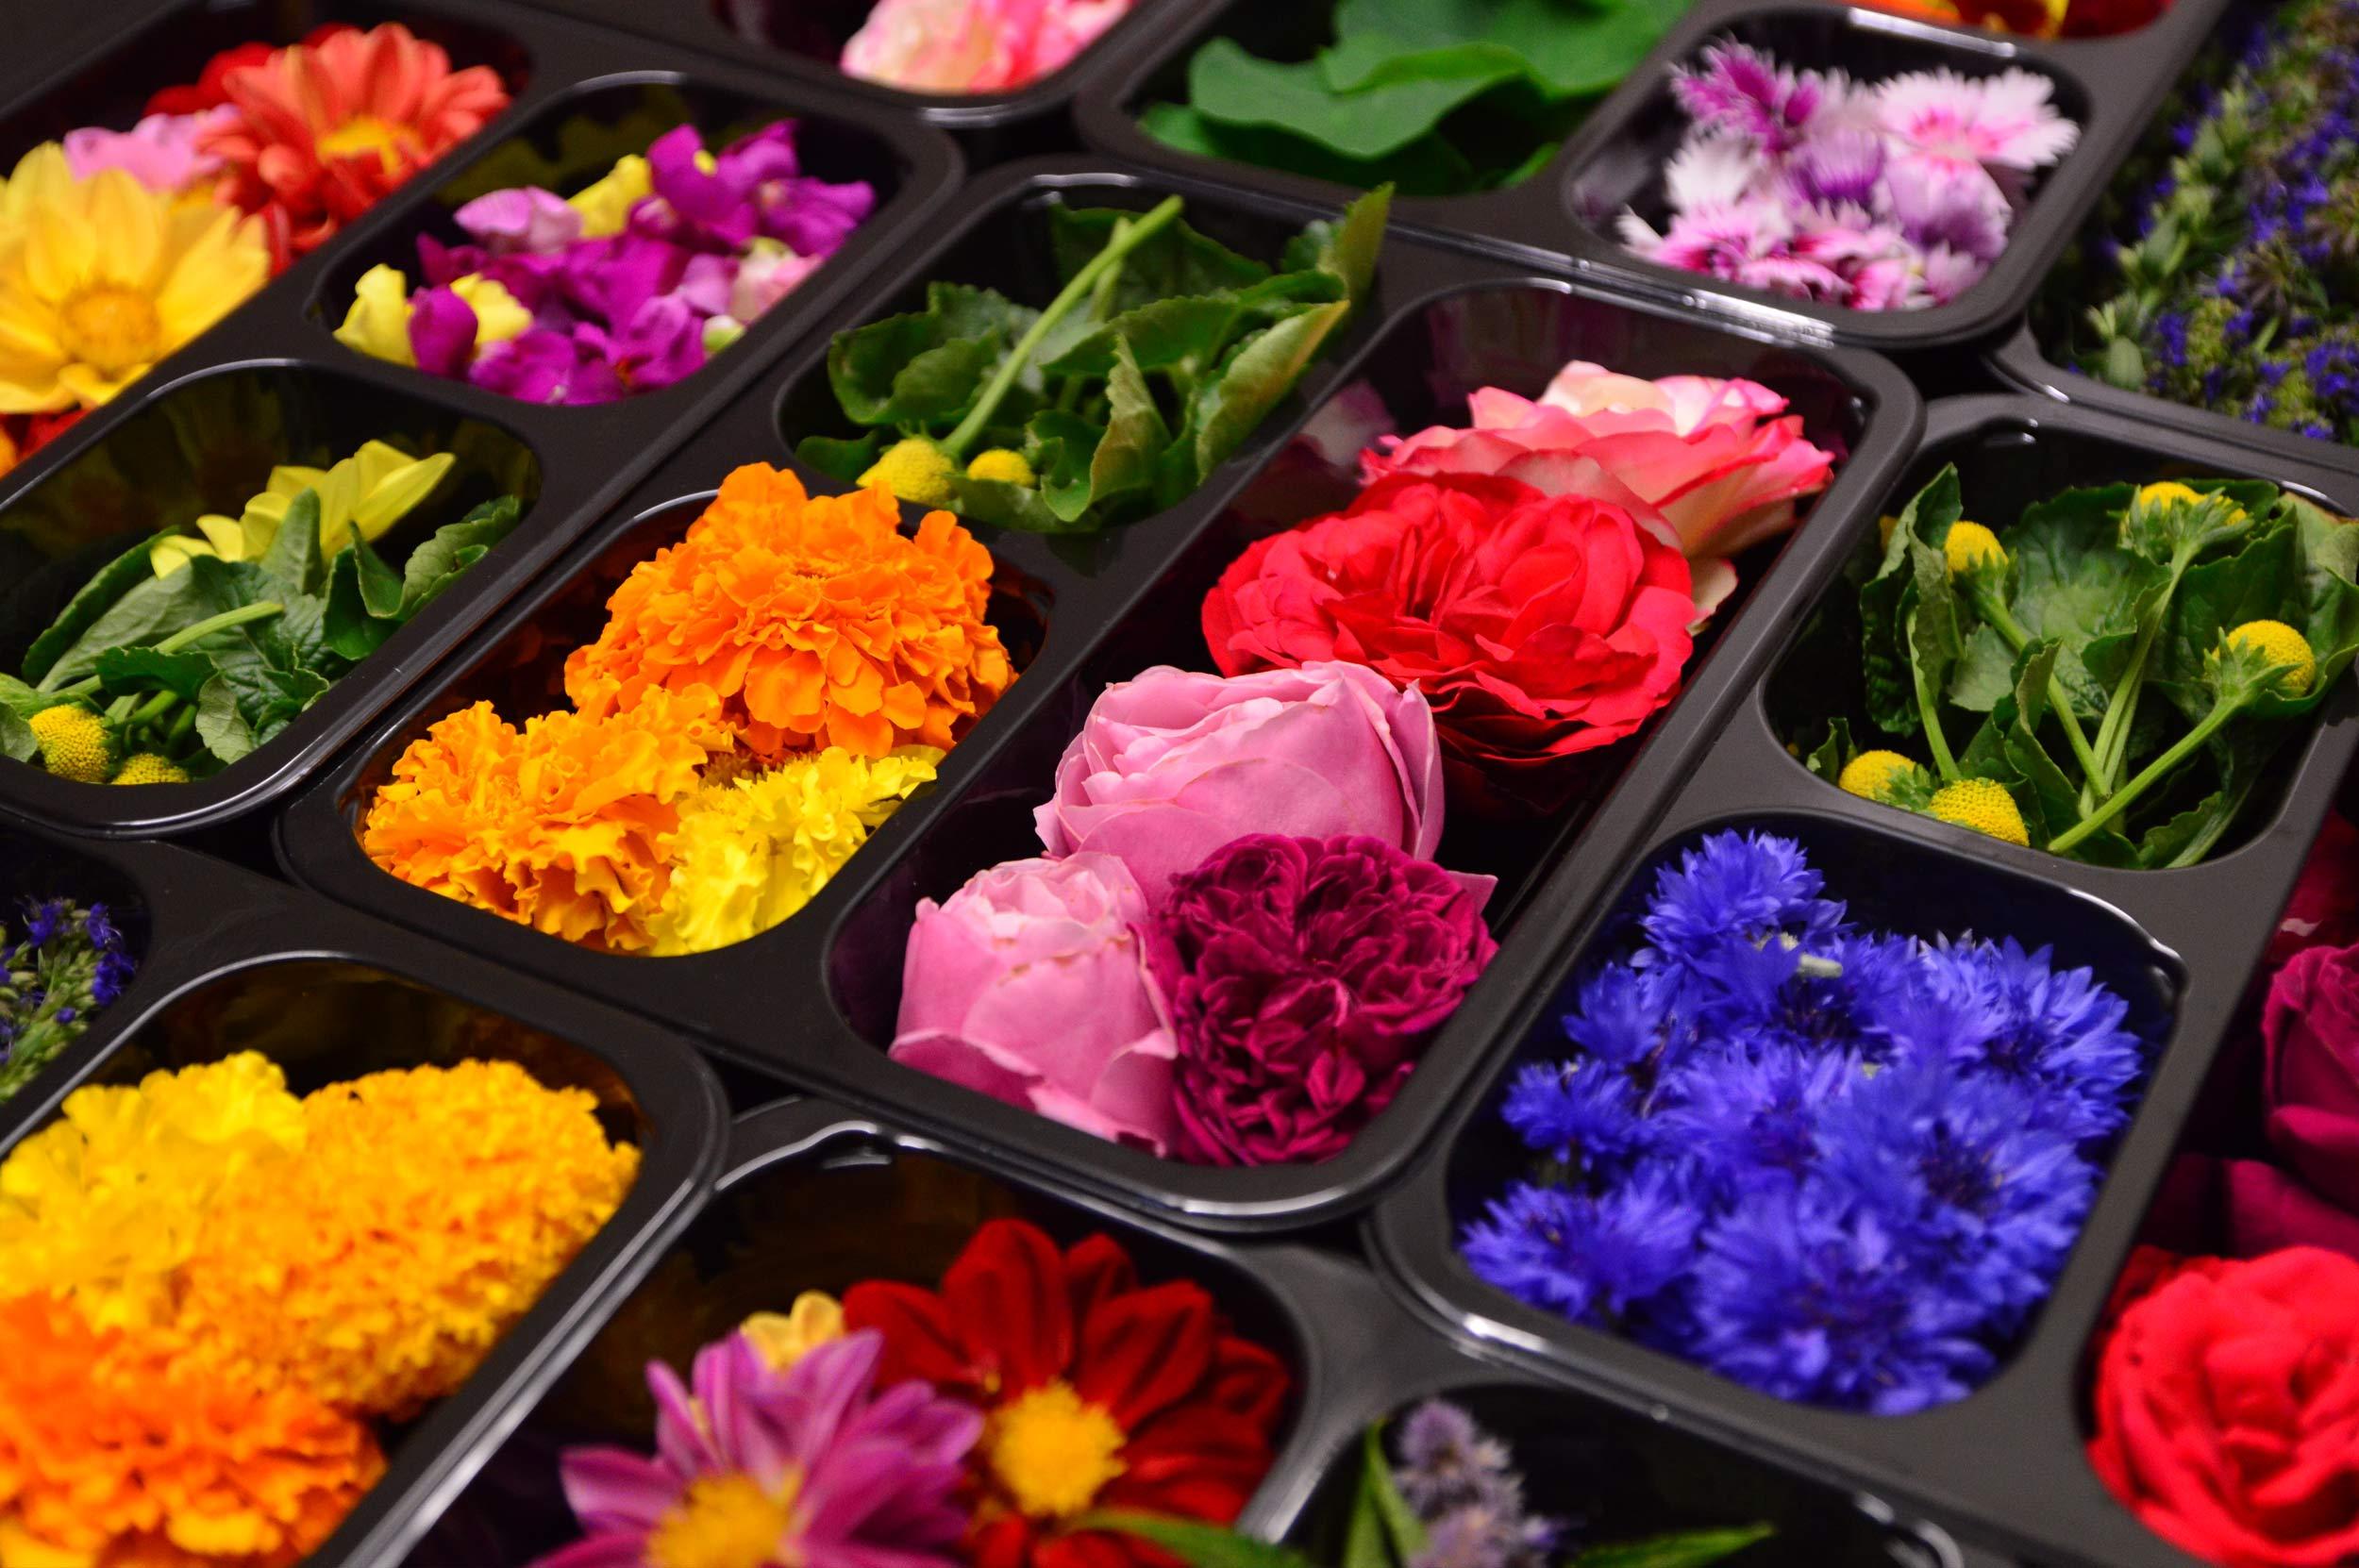 Fiori E Piante Commestibili fiori eduli commestibili erbe aromatiche - fattoria delle erbe